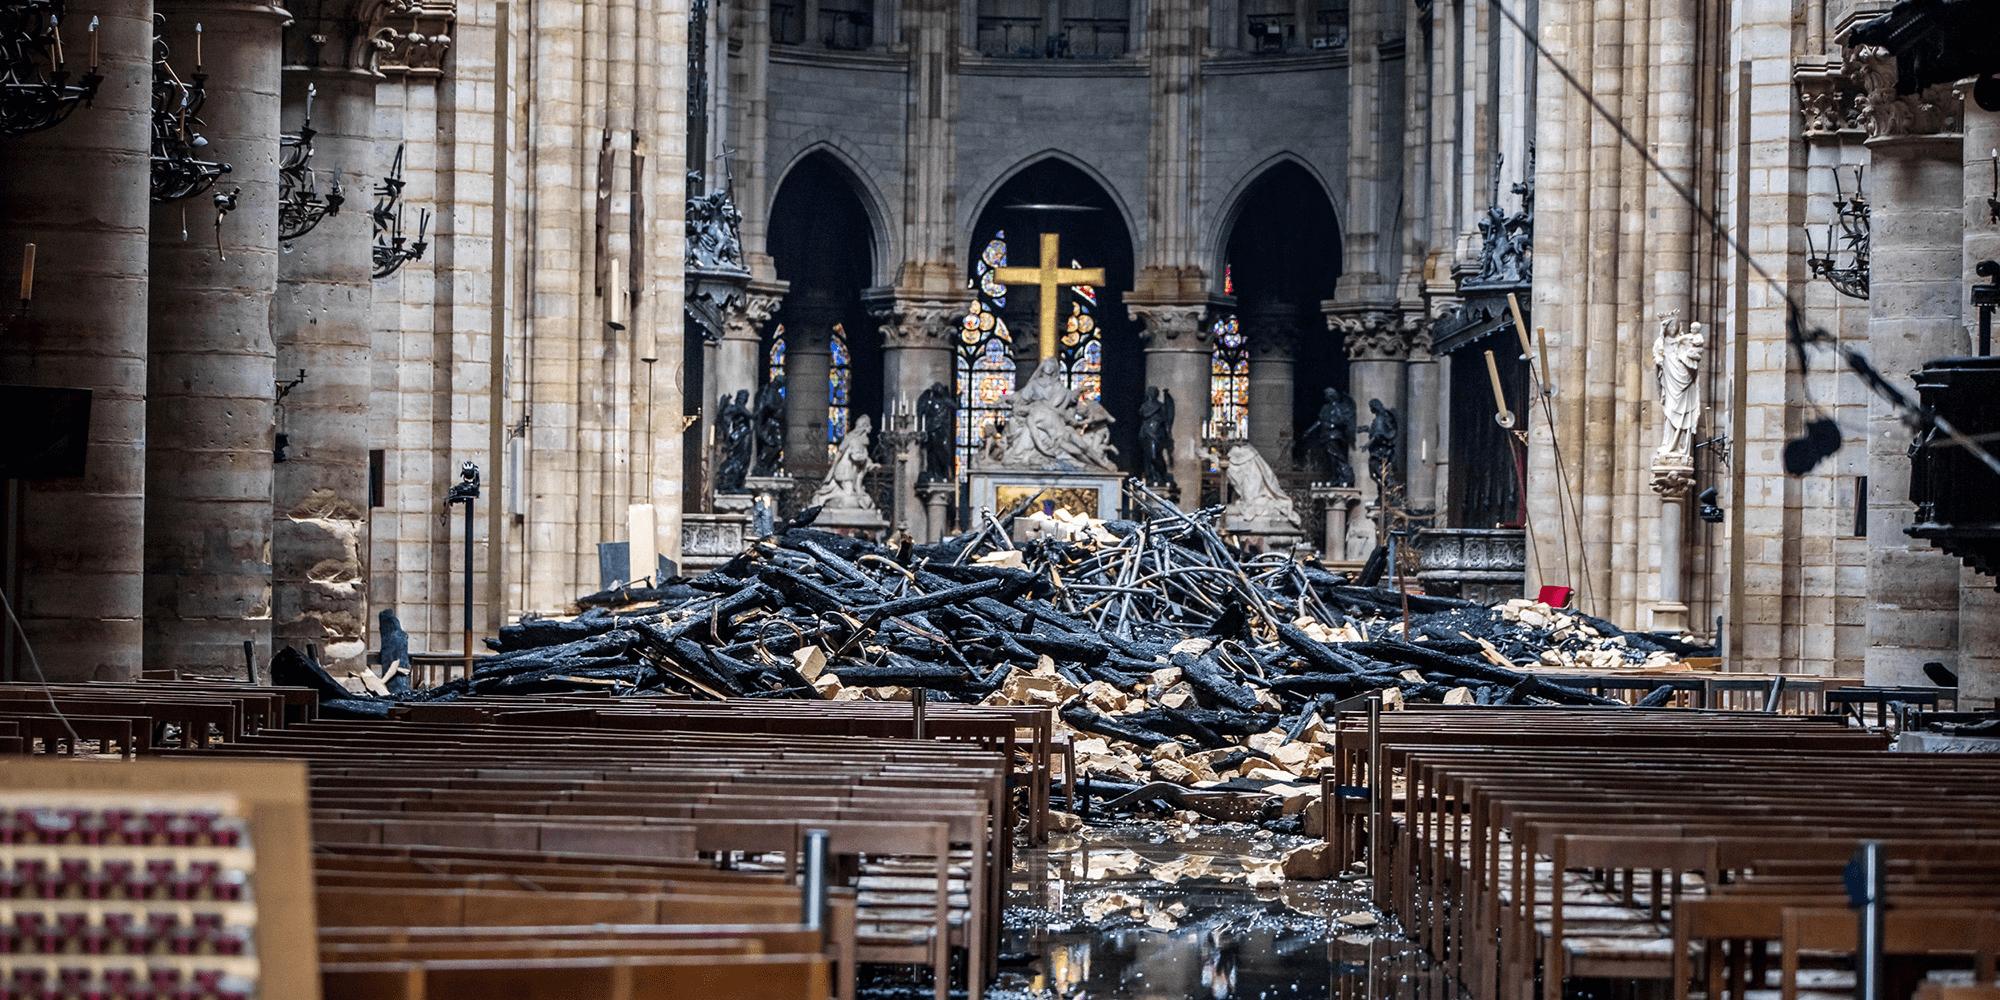 untitled - Ecos de Paris II, O Fantasma das nossas Óperas, Paris está a arder